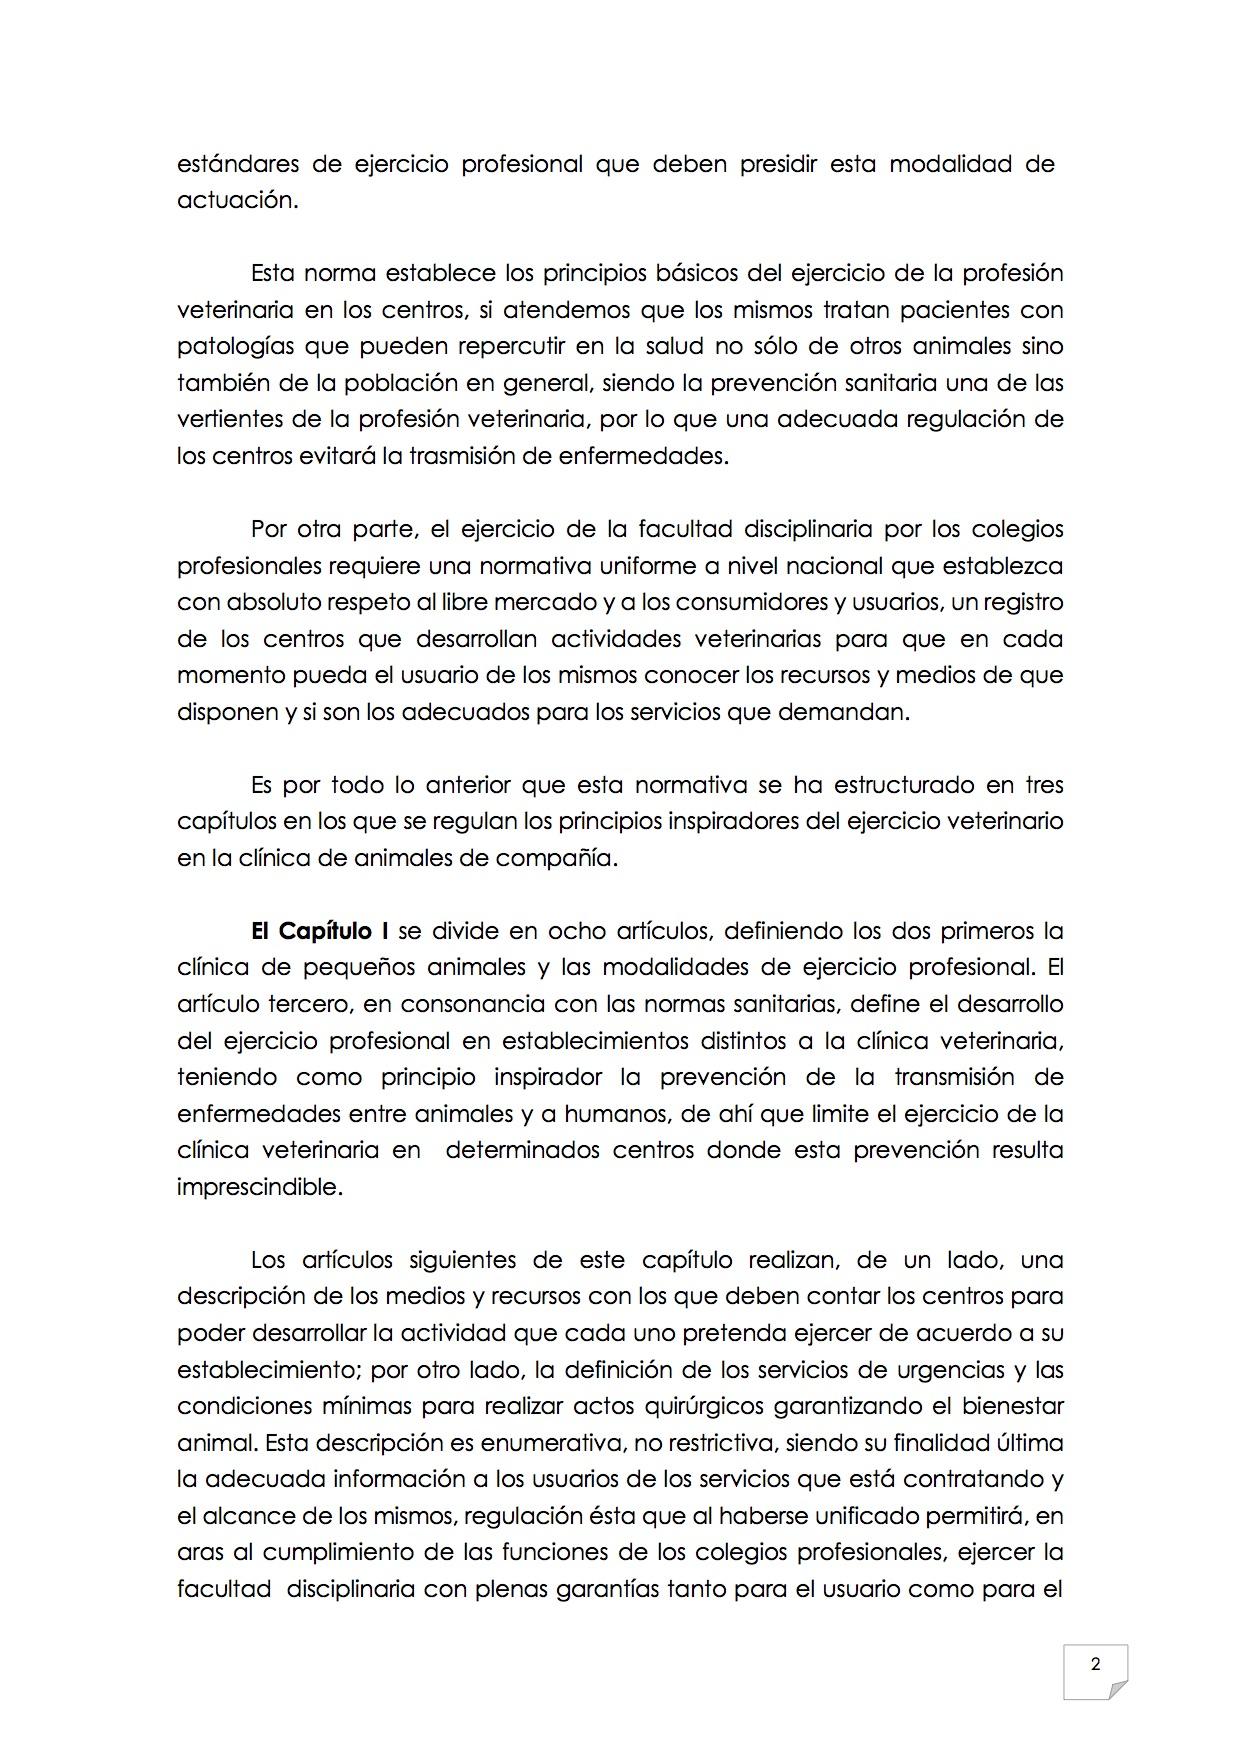 2015_07_11 3REGLAMENTO PARA EL EJERCICIO PROFESIONAL EN CLÍNICA DE ANIMALES DE COMPAÑÍA